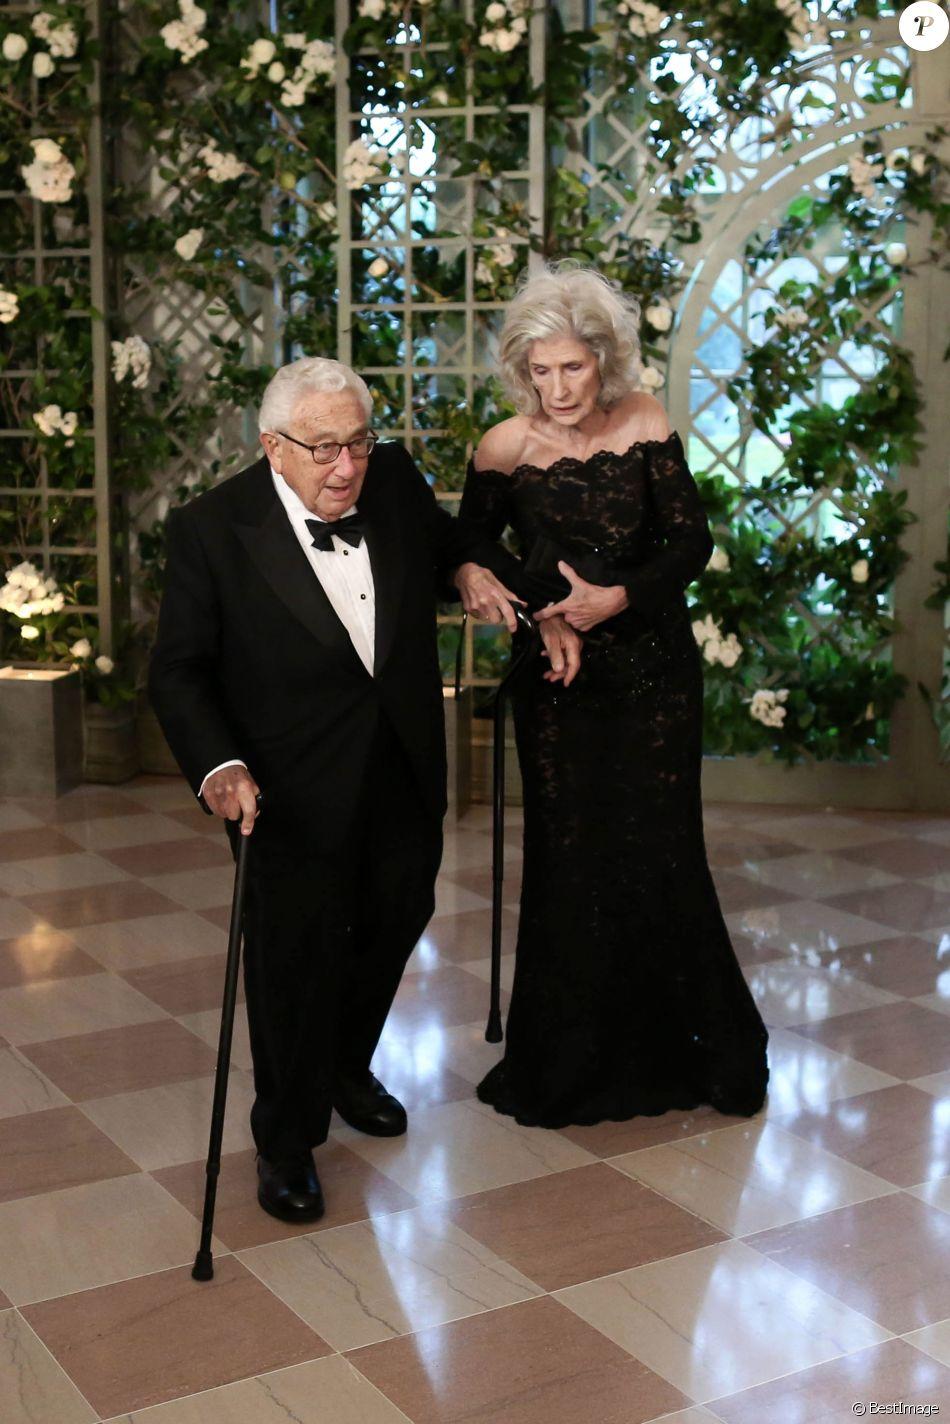 Henry kissinger et sa femme nancy les invités arrivent au dîner en lhonneur du président de la république emmanuel macron et de la première dame brigitte